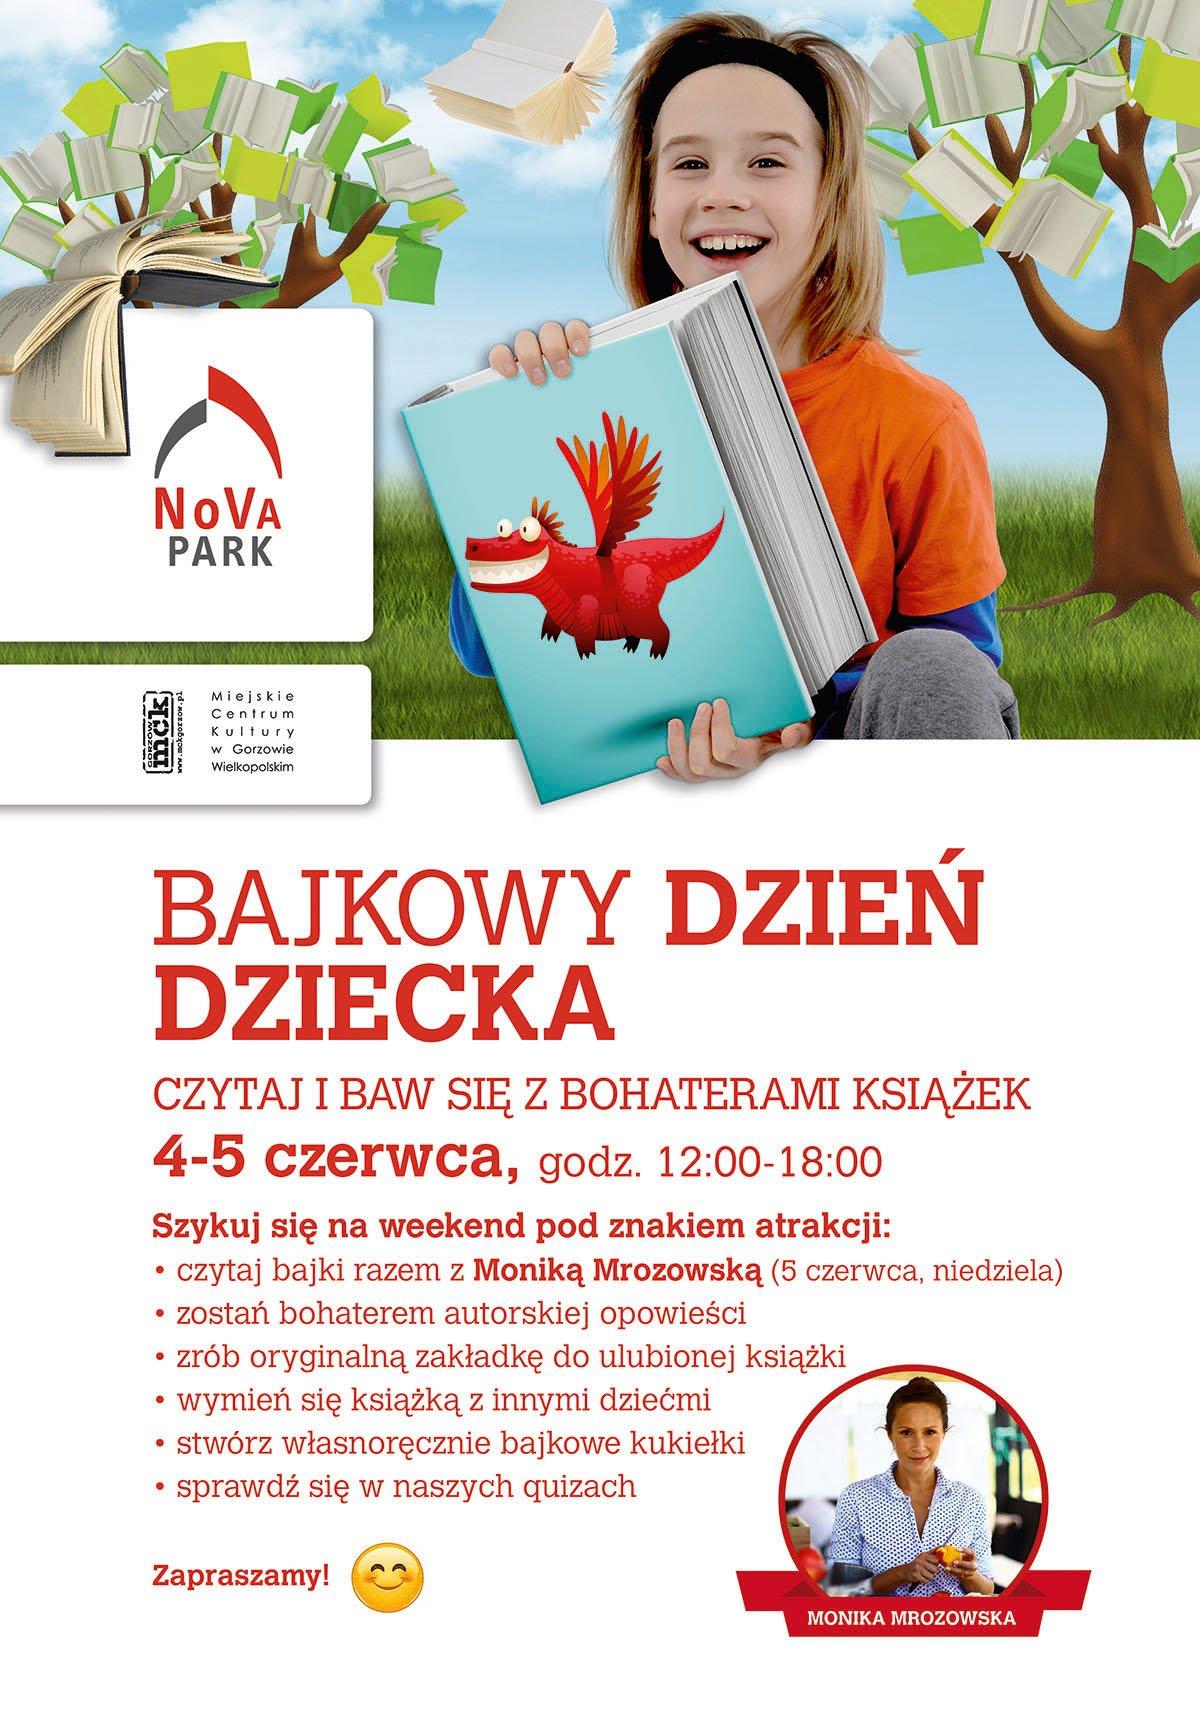 Bajkowy Dzień Dziecka w NoVa Park w Gorzowie Wielkopolskim